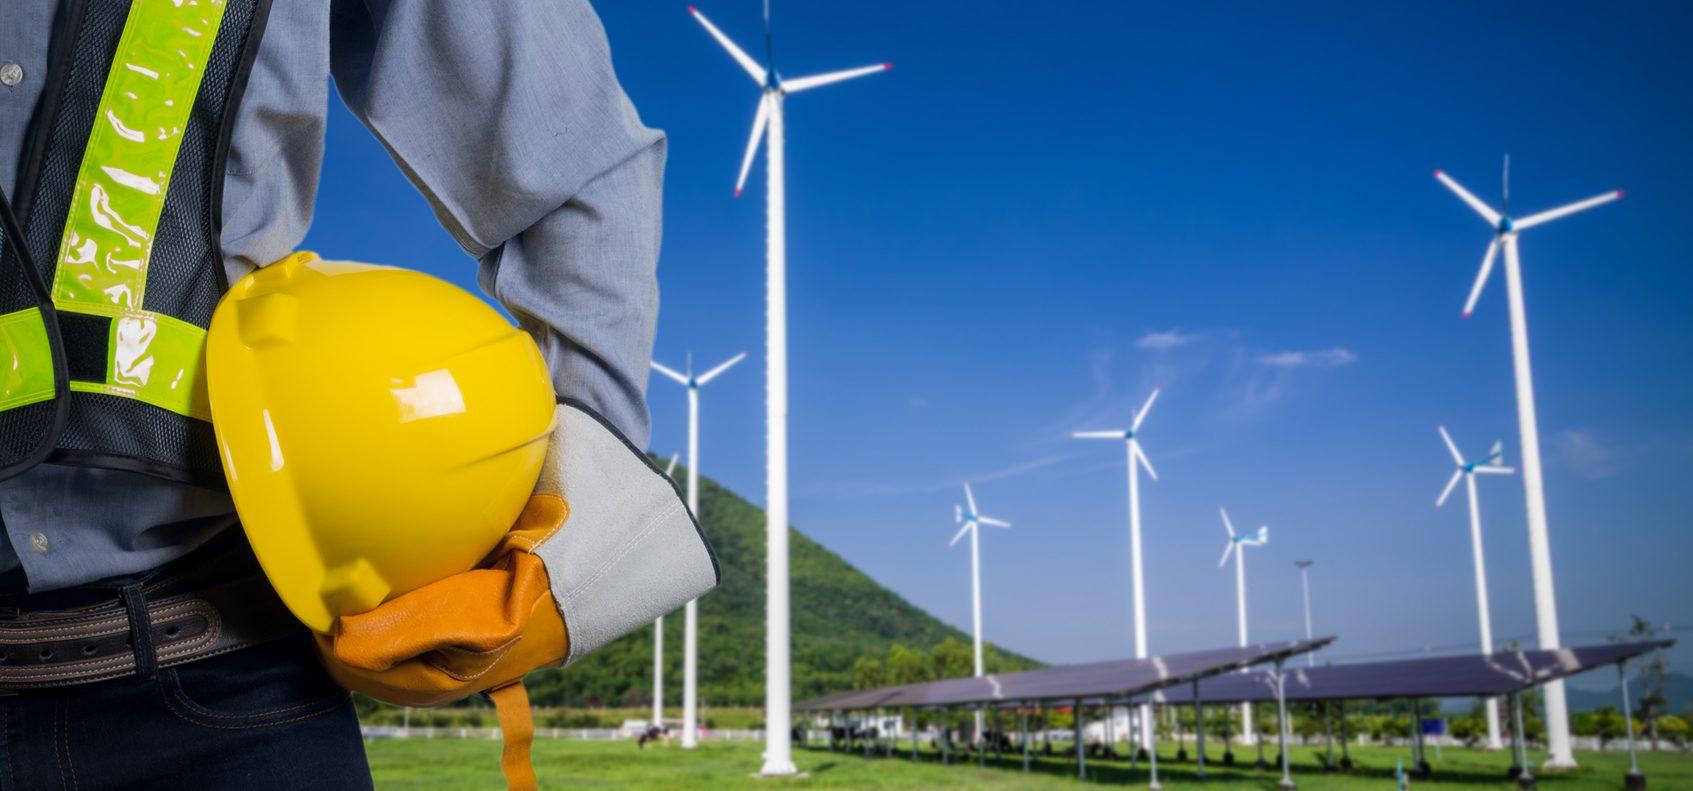 Las Renovables Aumentaron En 2016 Su Aportación Al PIB Y Abarataron El Sistema Eléctrico